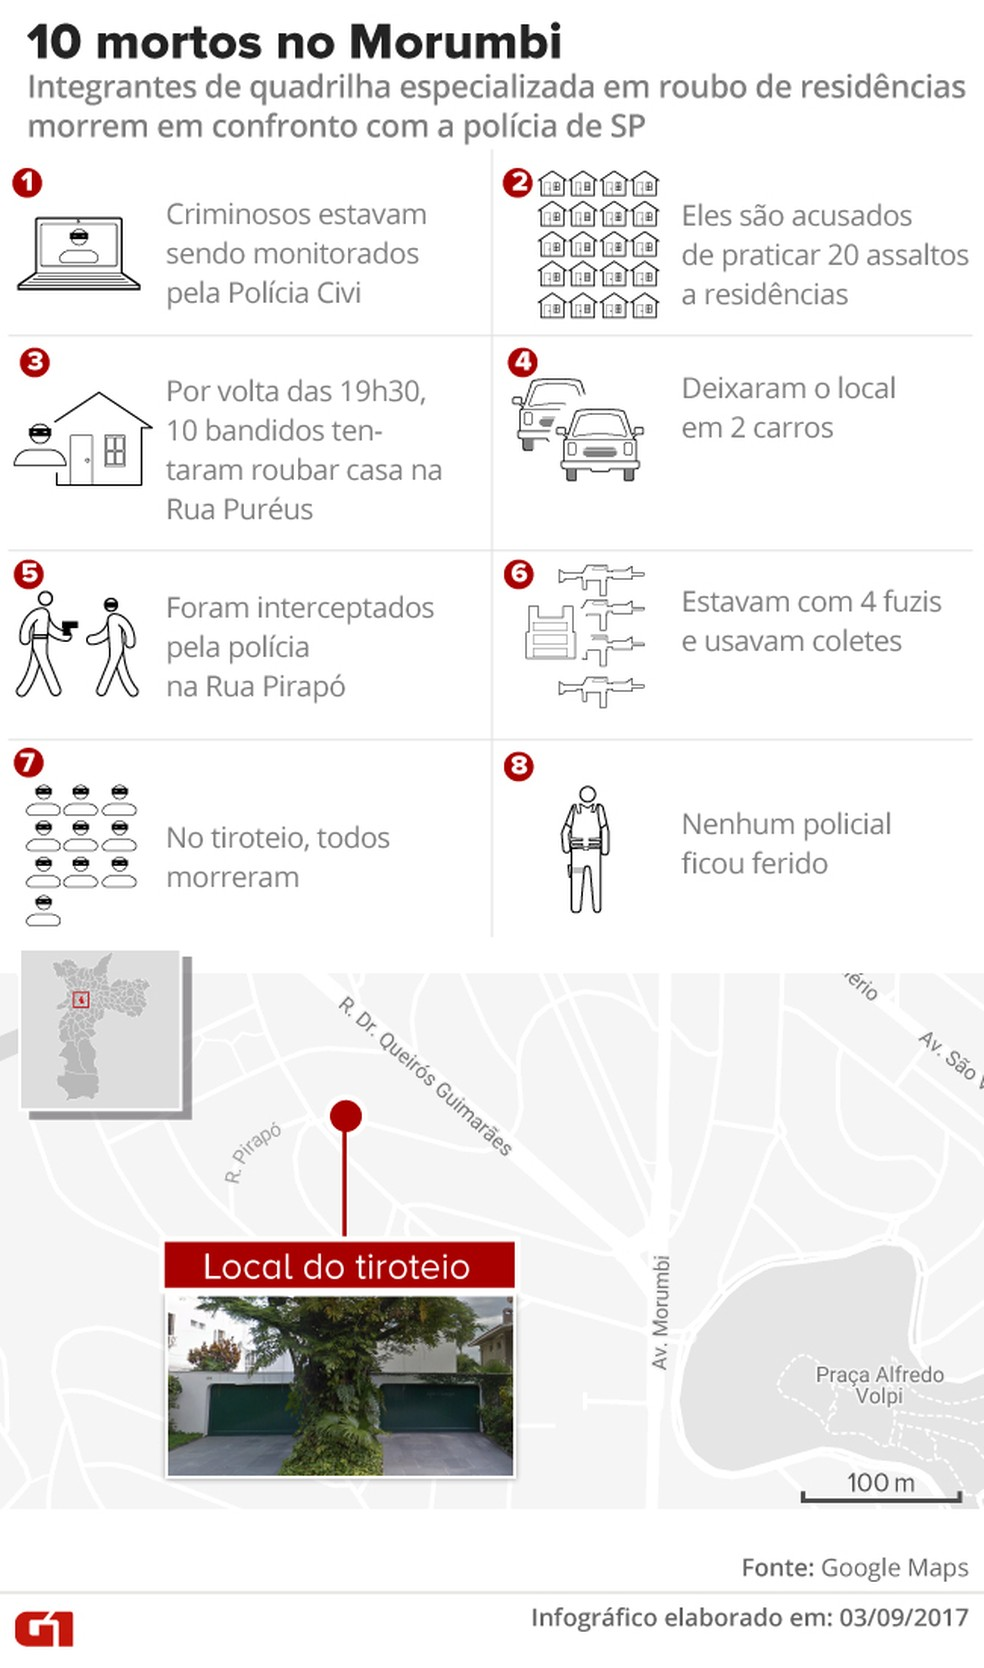 Dez morrem em confronto com a polícia no Morumbi, em São Paulo (Foto: Editoria de Arte/G1)